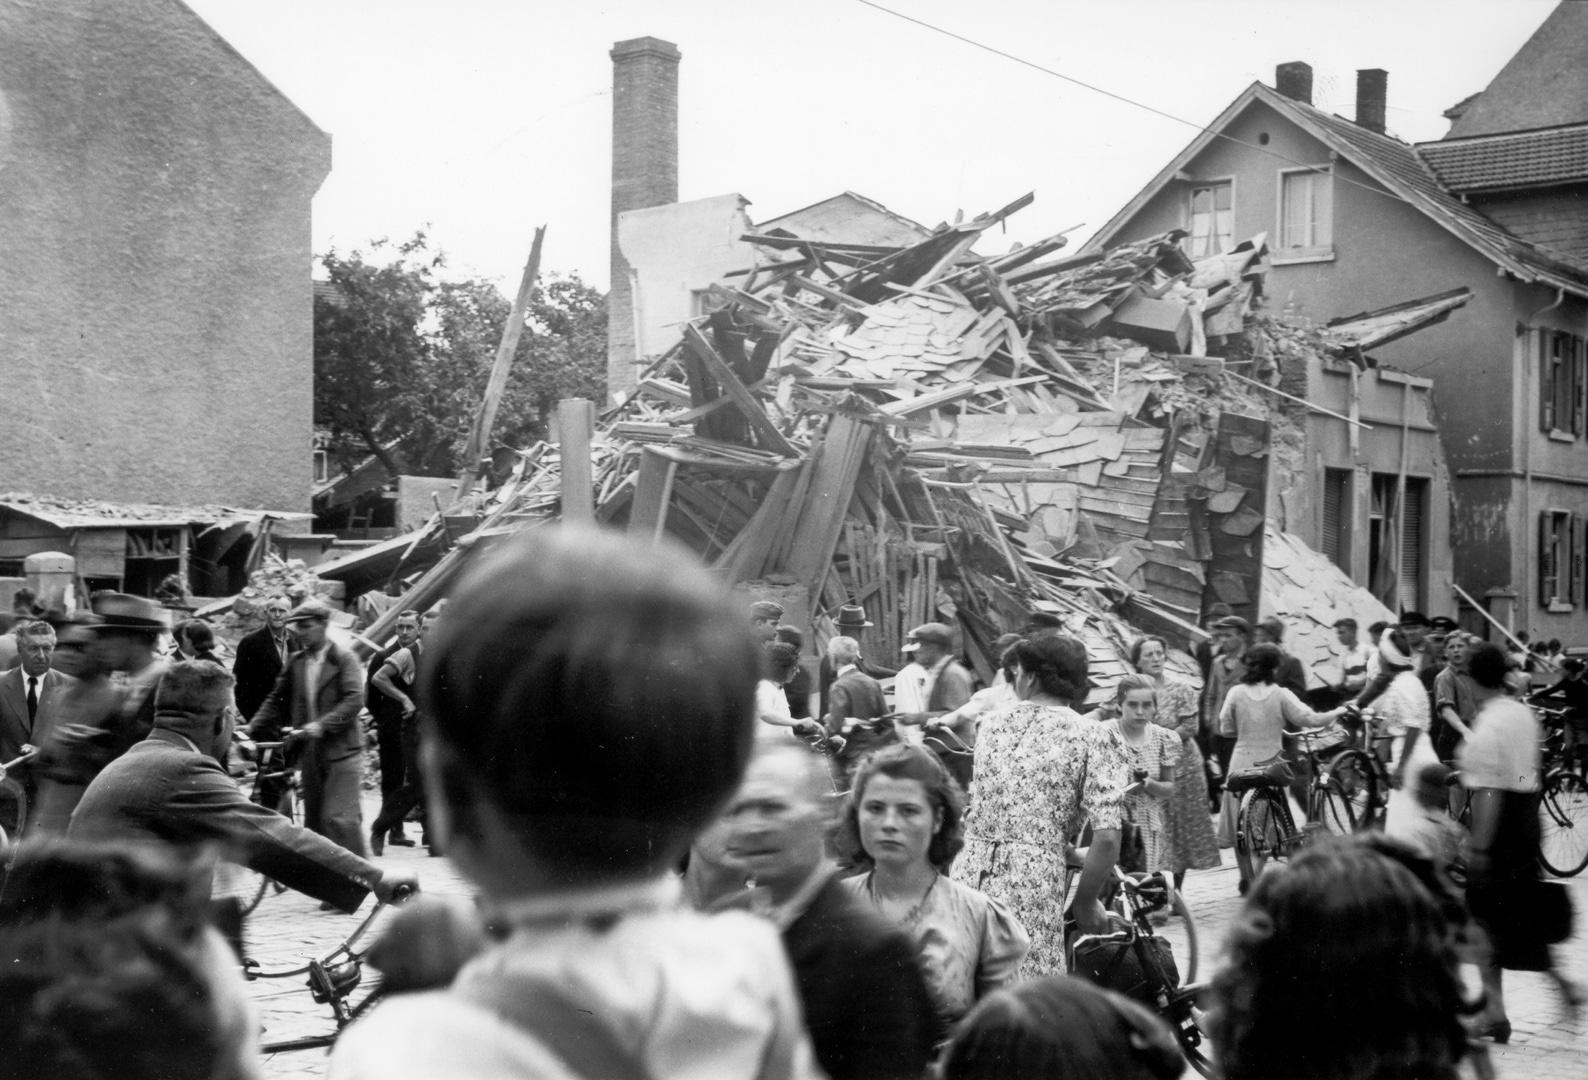 Schaulustige vor durch einen Bombenangriff am 21. Juli 1941 zerstörten Haus Pankratiusstraße 58